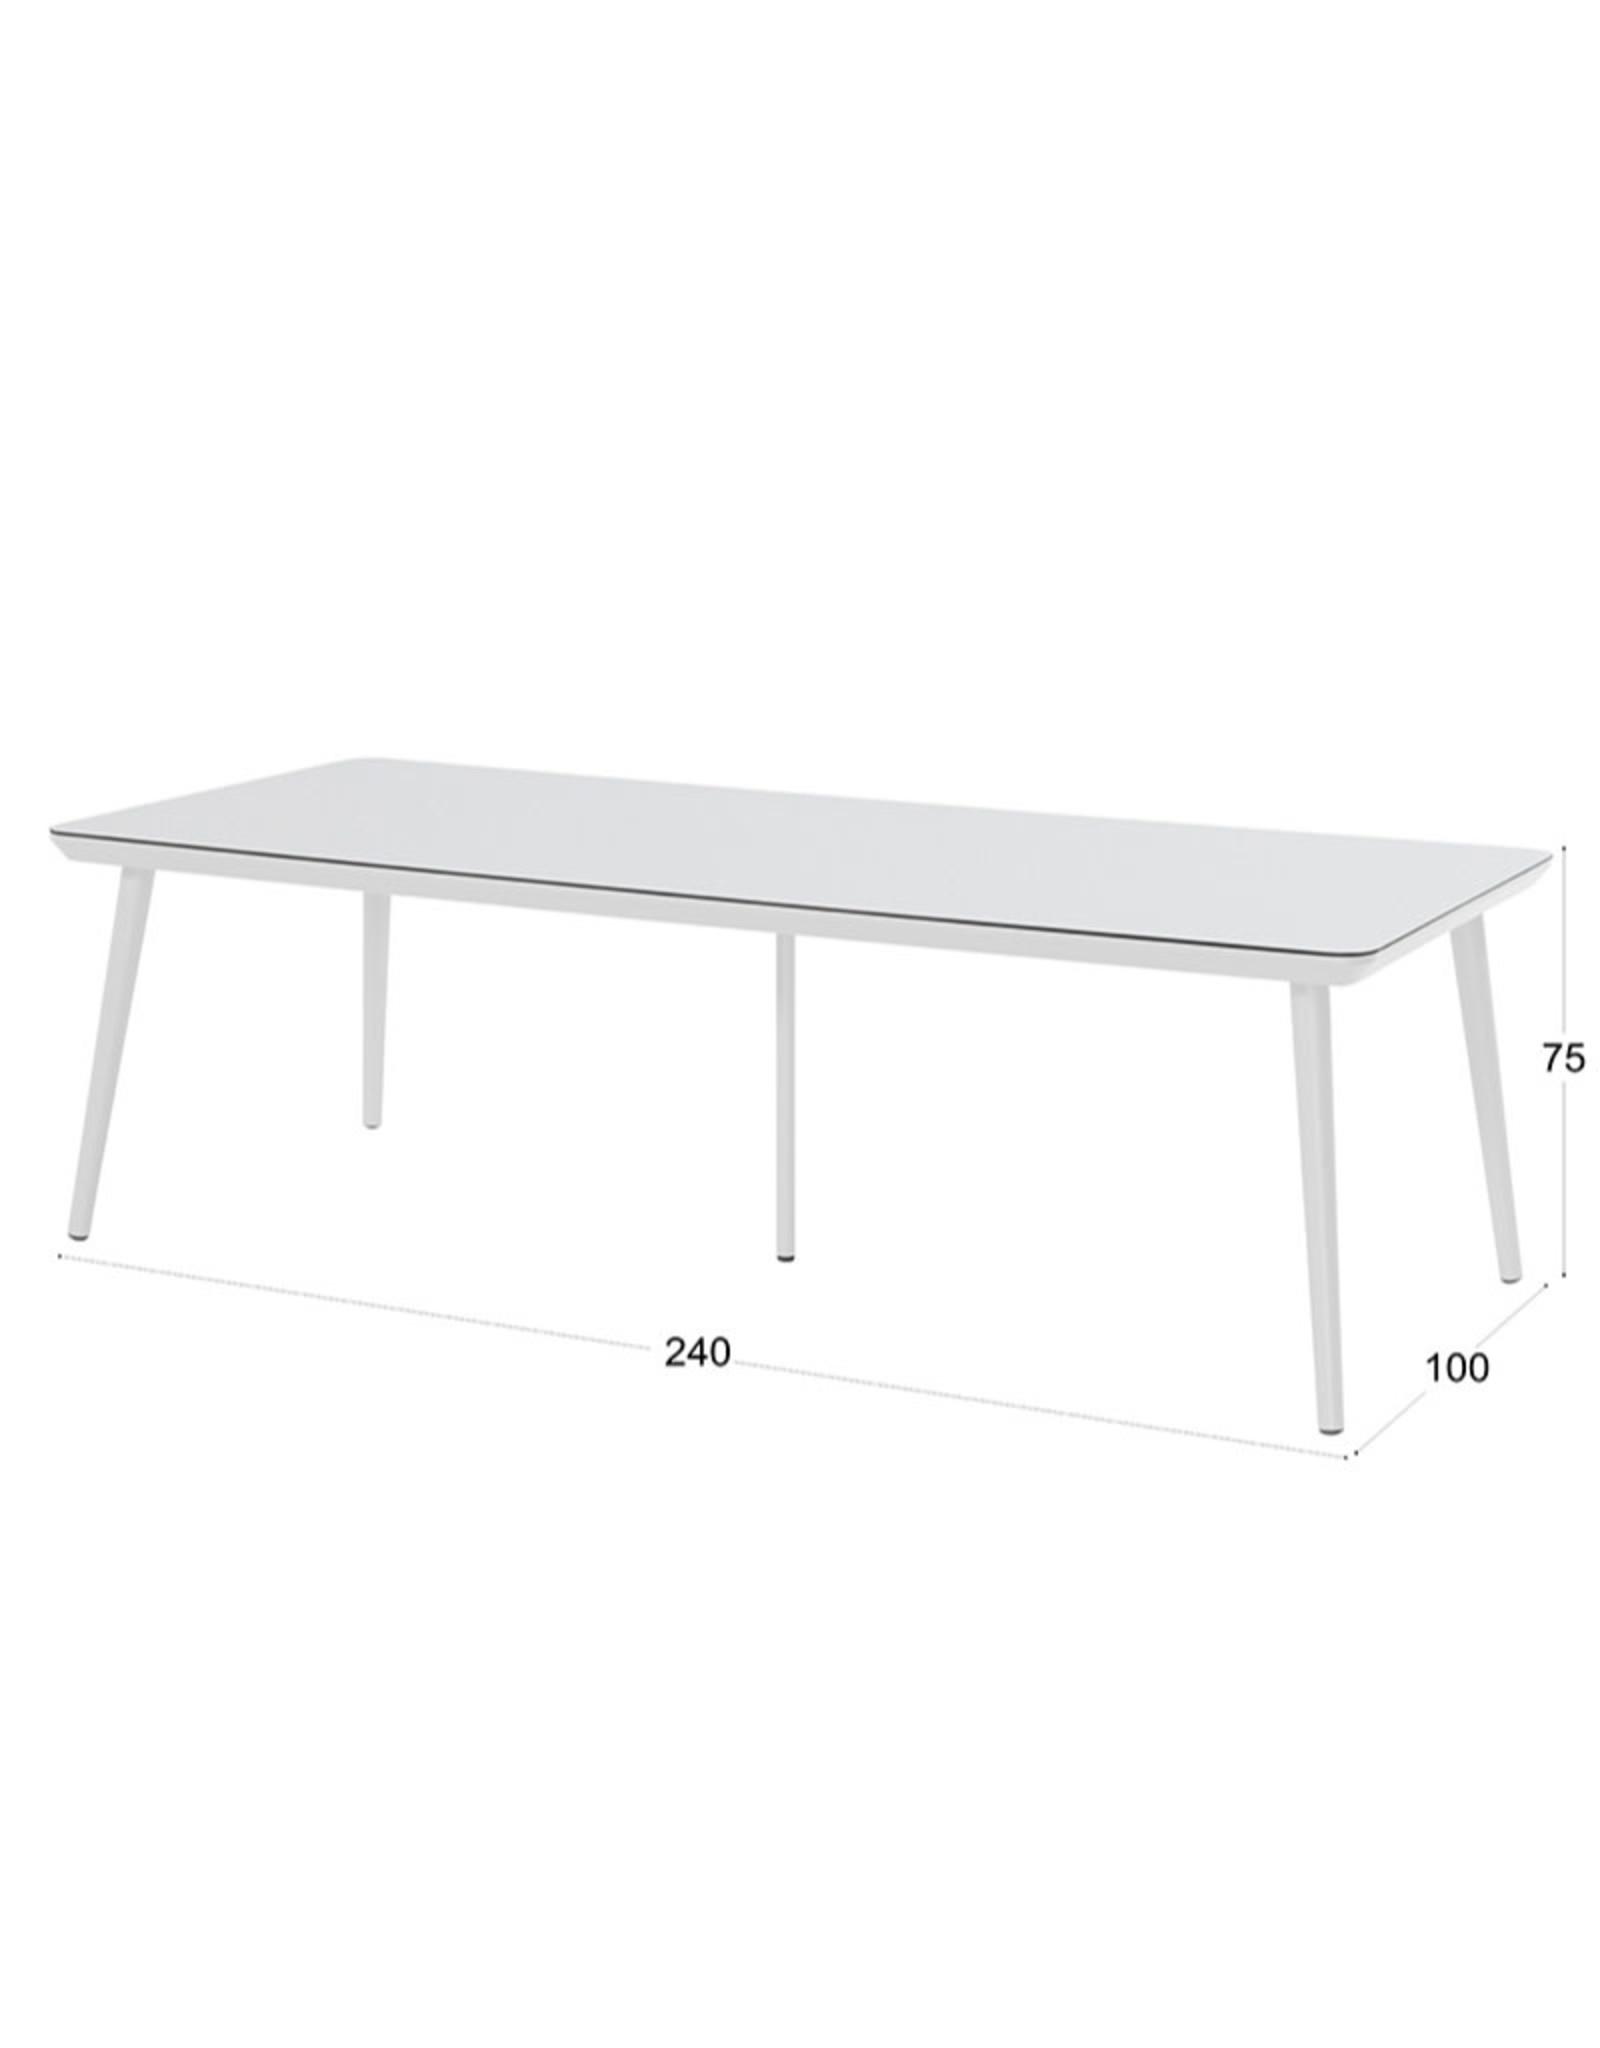 Hartman Hartman Sophie Studio HPL Table 240x100cm